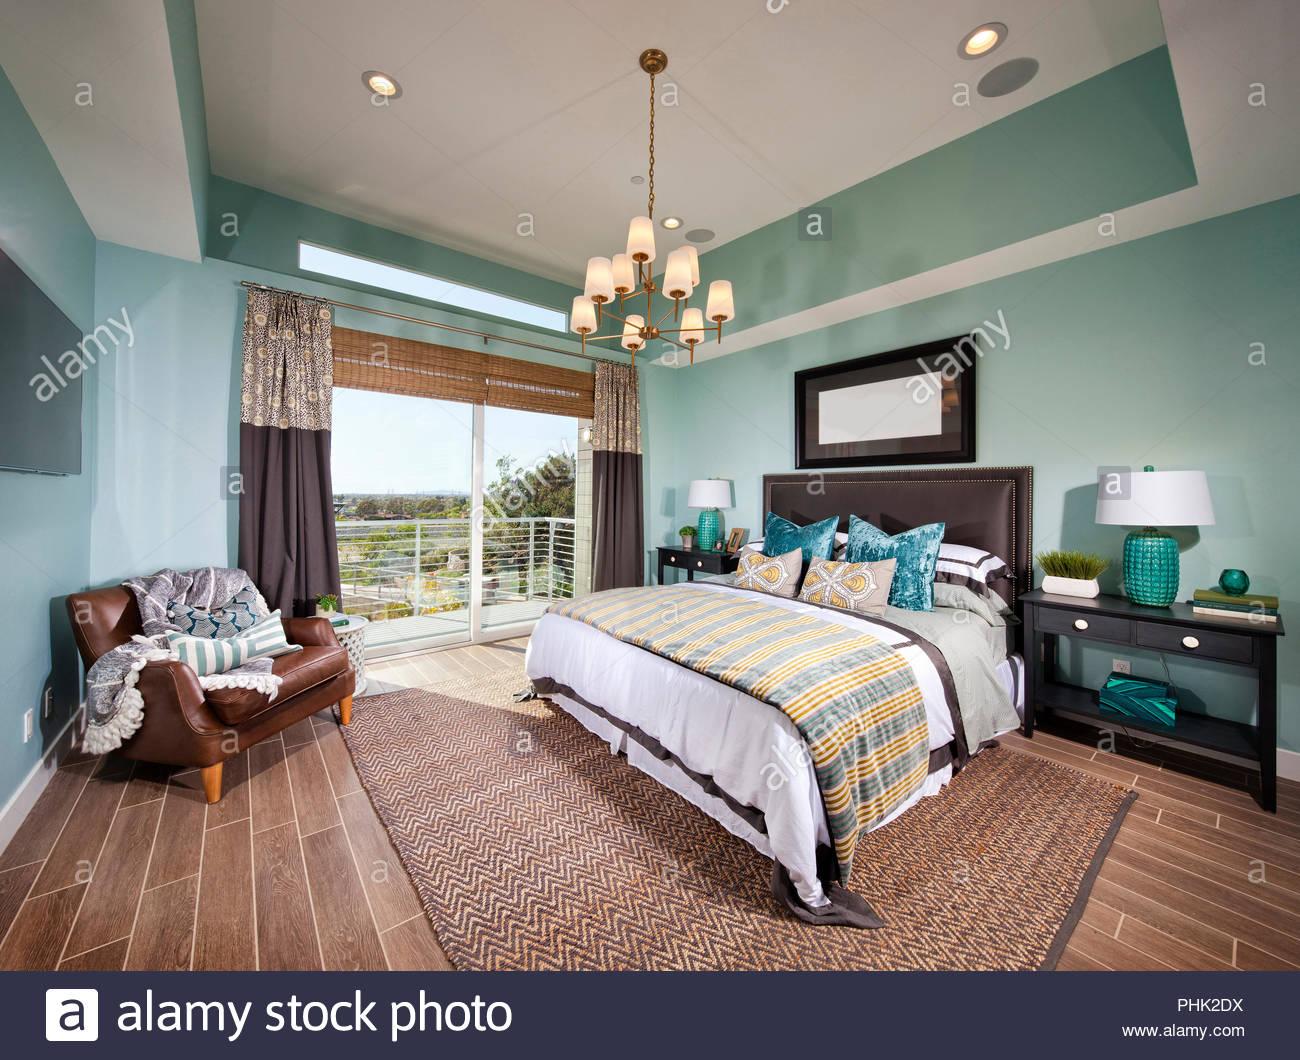 Kronleuchter Für Schlafzimmer ~ Schlafzimmer mit kronleuchter stockfoto bild alamy